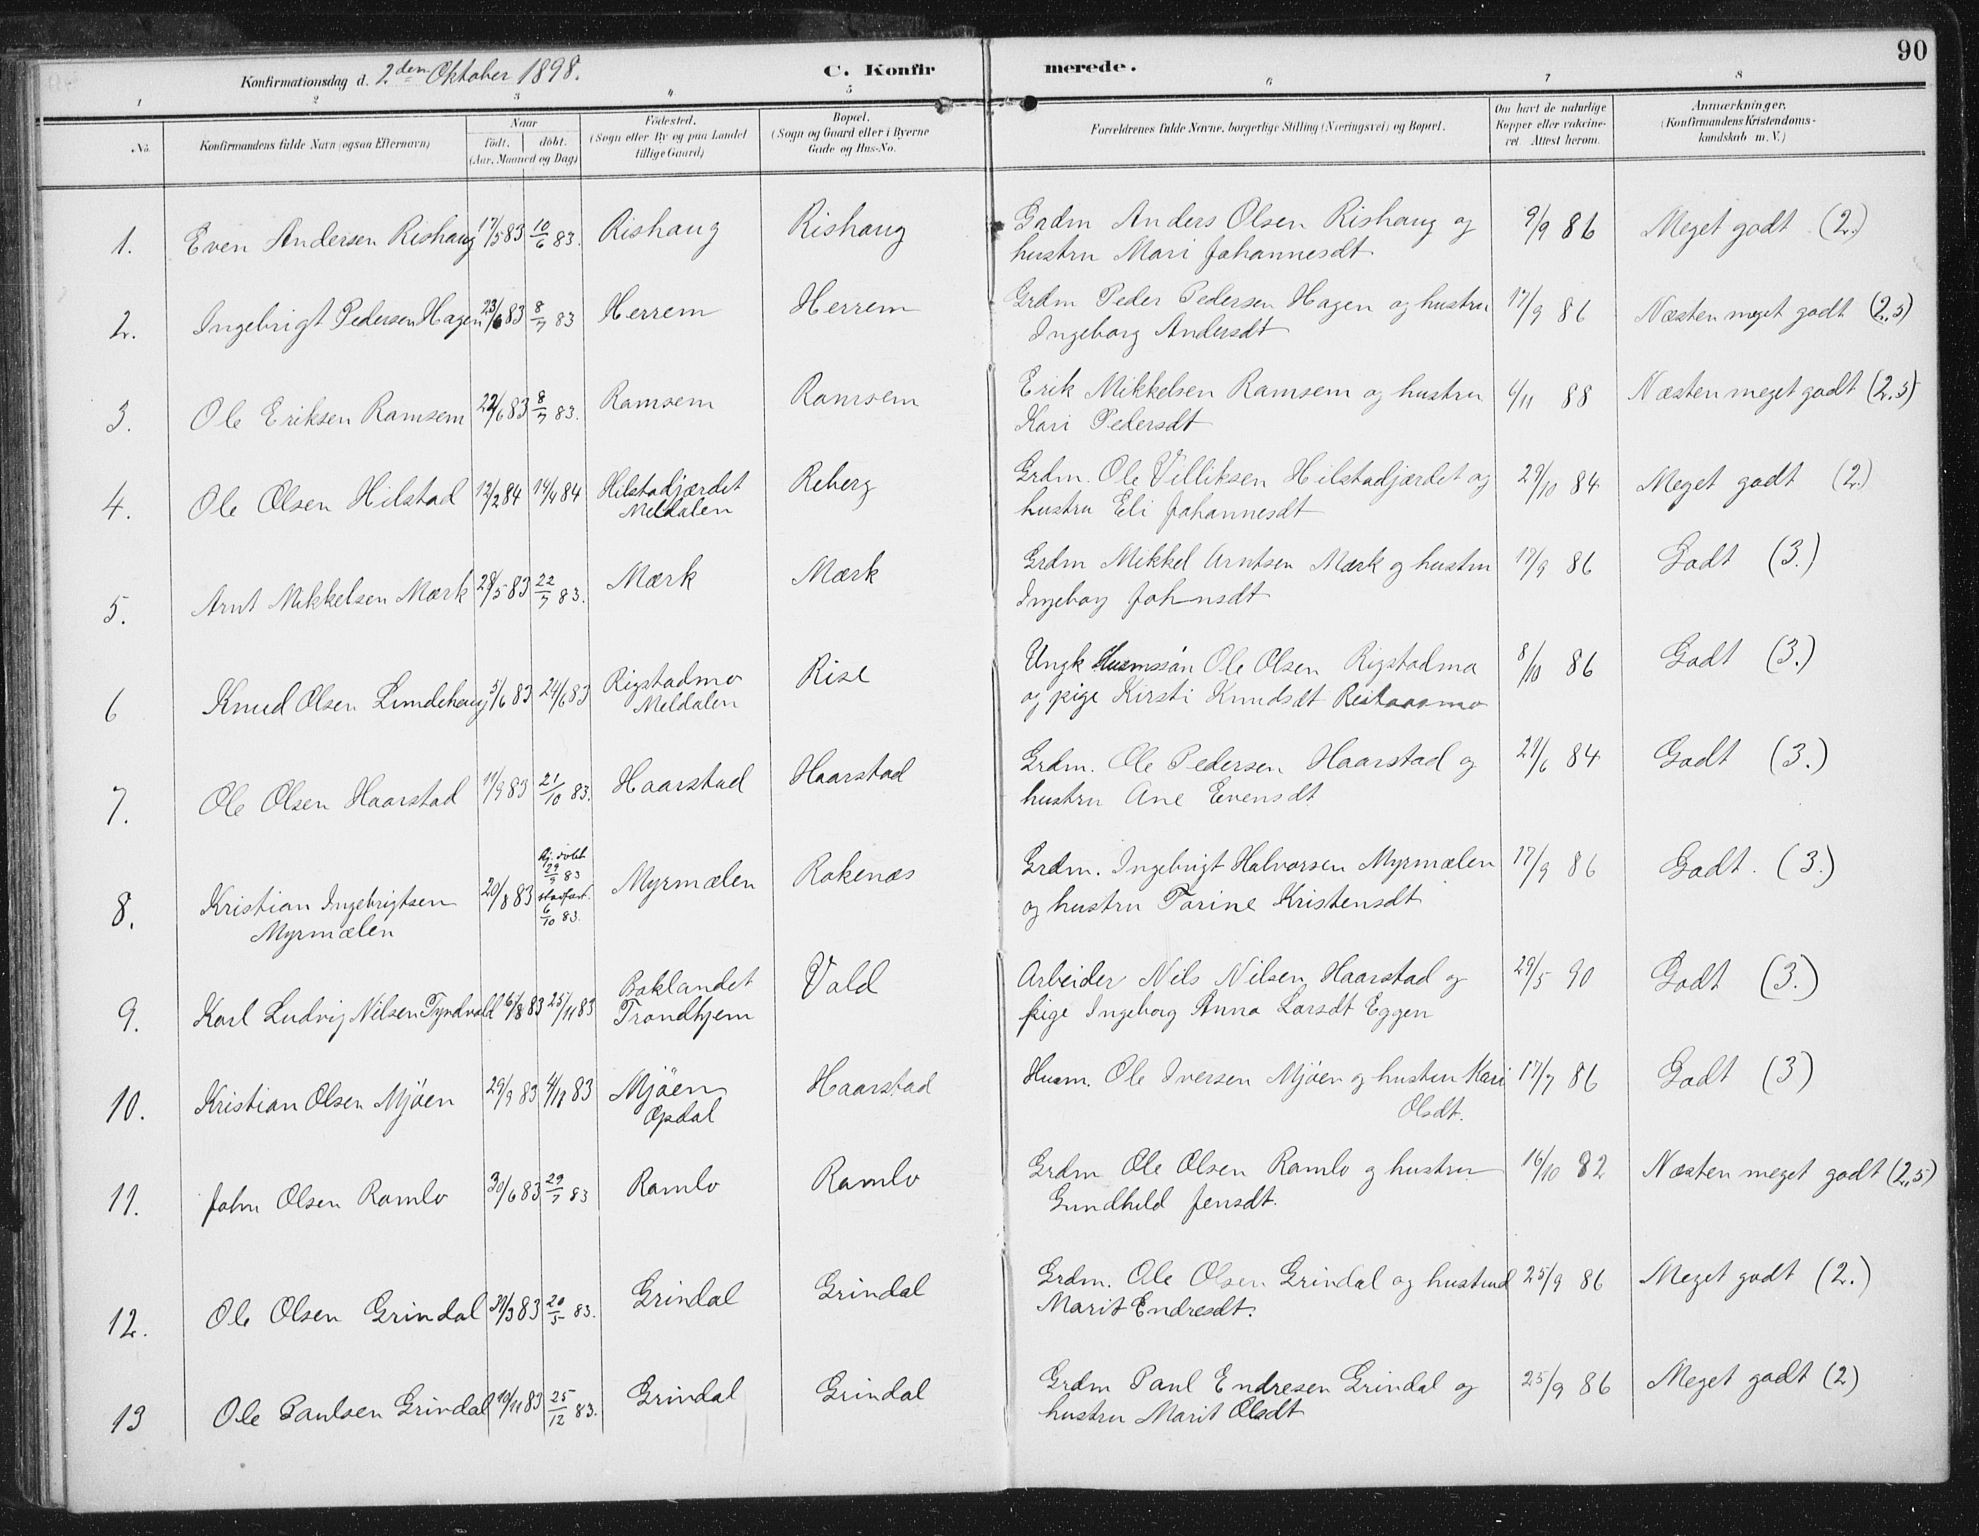 SAT, Ministerialprotokoller, klokkerbøker og fødselsregistre - Sør-Trøndelag, 674/L0872: Ministerialbok nr. 674A04, 1897-1907, s. 90